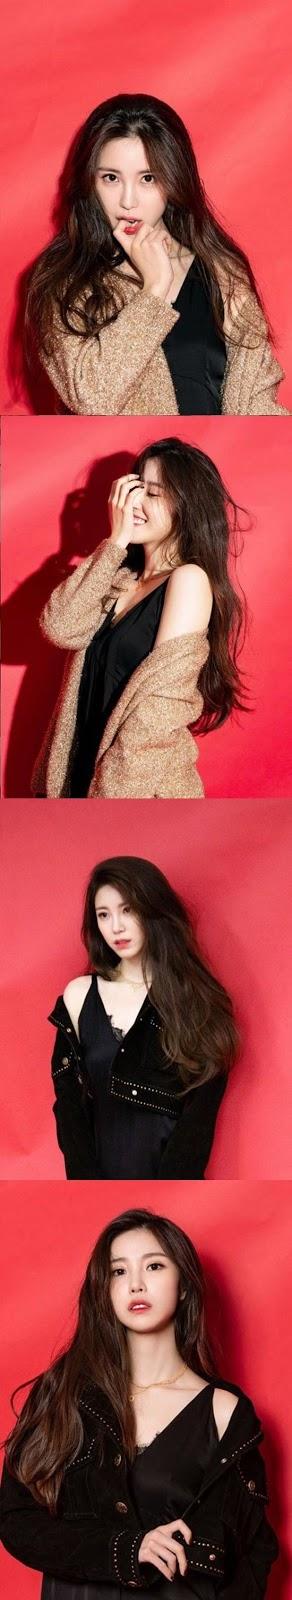 Jung Hyosung modellik yeteneklerini sergiledi